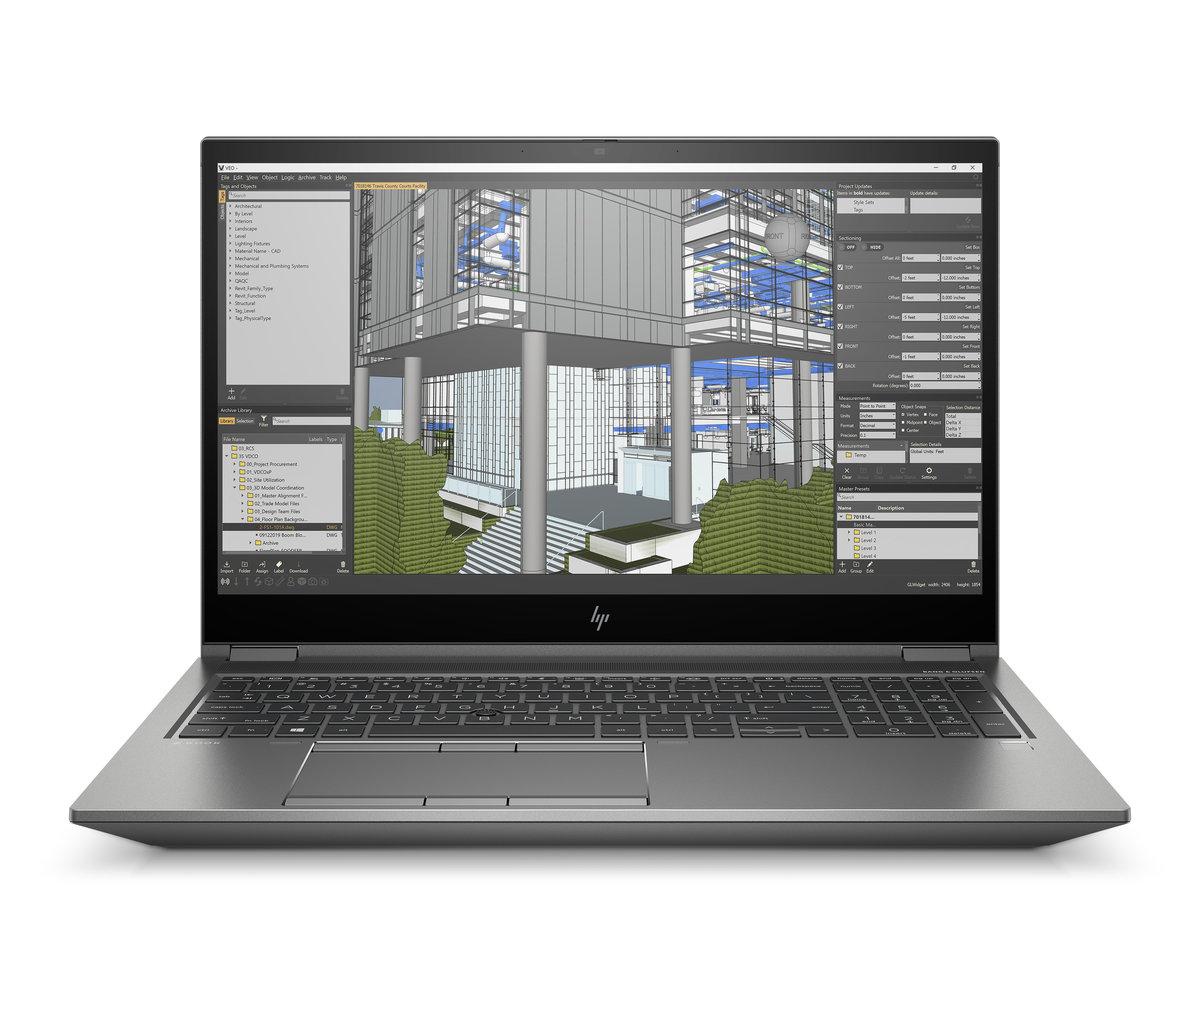 HP ZBook 15 Fury G8 15,6'' 400nts i7-11800H/32GB RAM/1TBM.2 NVMe/Nvidia Quadro RTX T1200-4GB/W10P/3y - 314J2EA#BCM